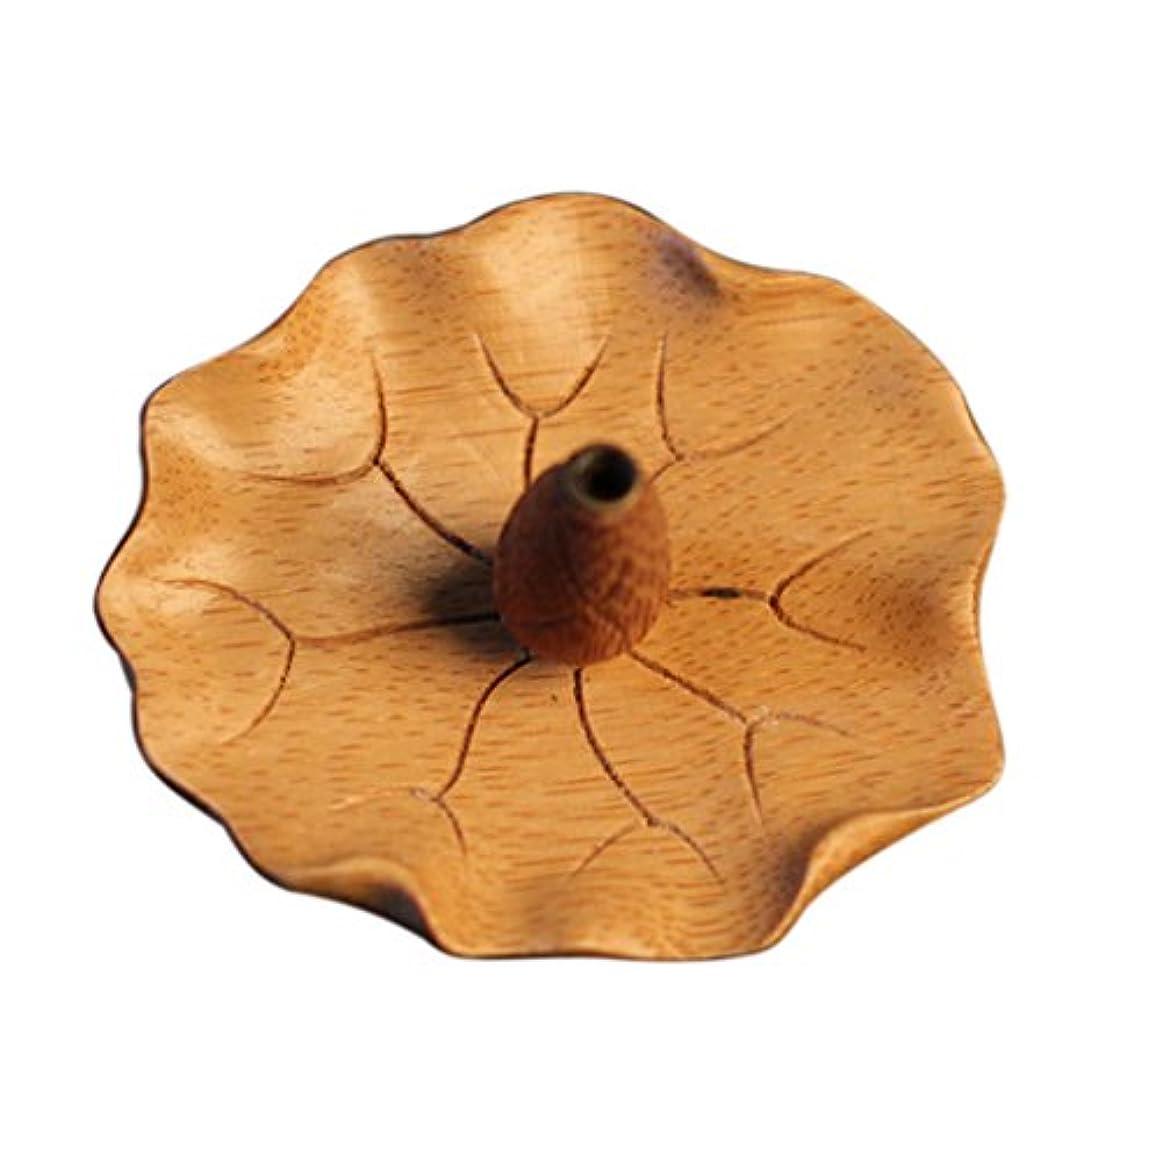 マイク観光すり減る蓮花形 香皿 竹製 お香立て スティック用 1穴 バーナー ホルダー